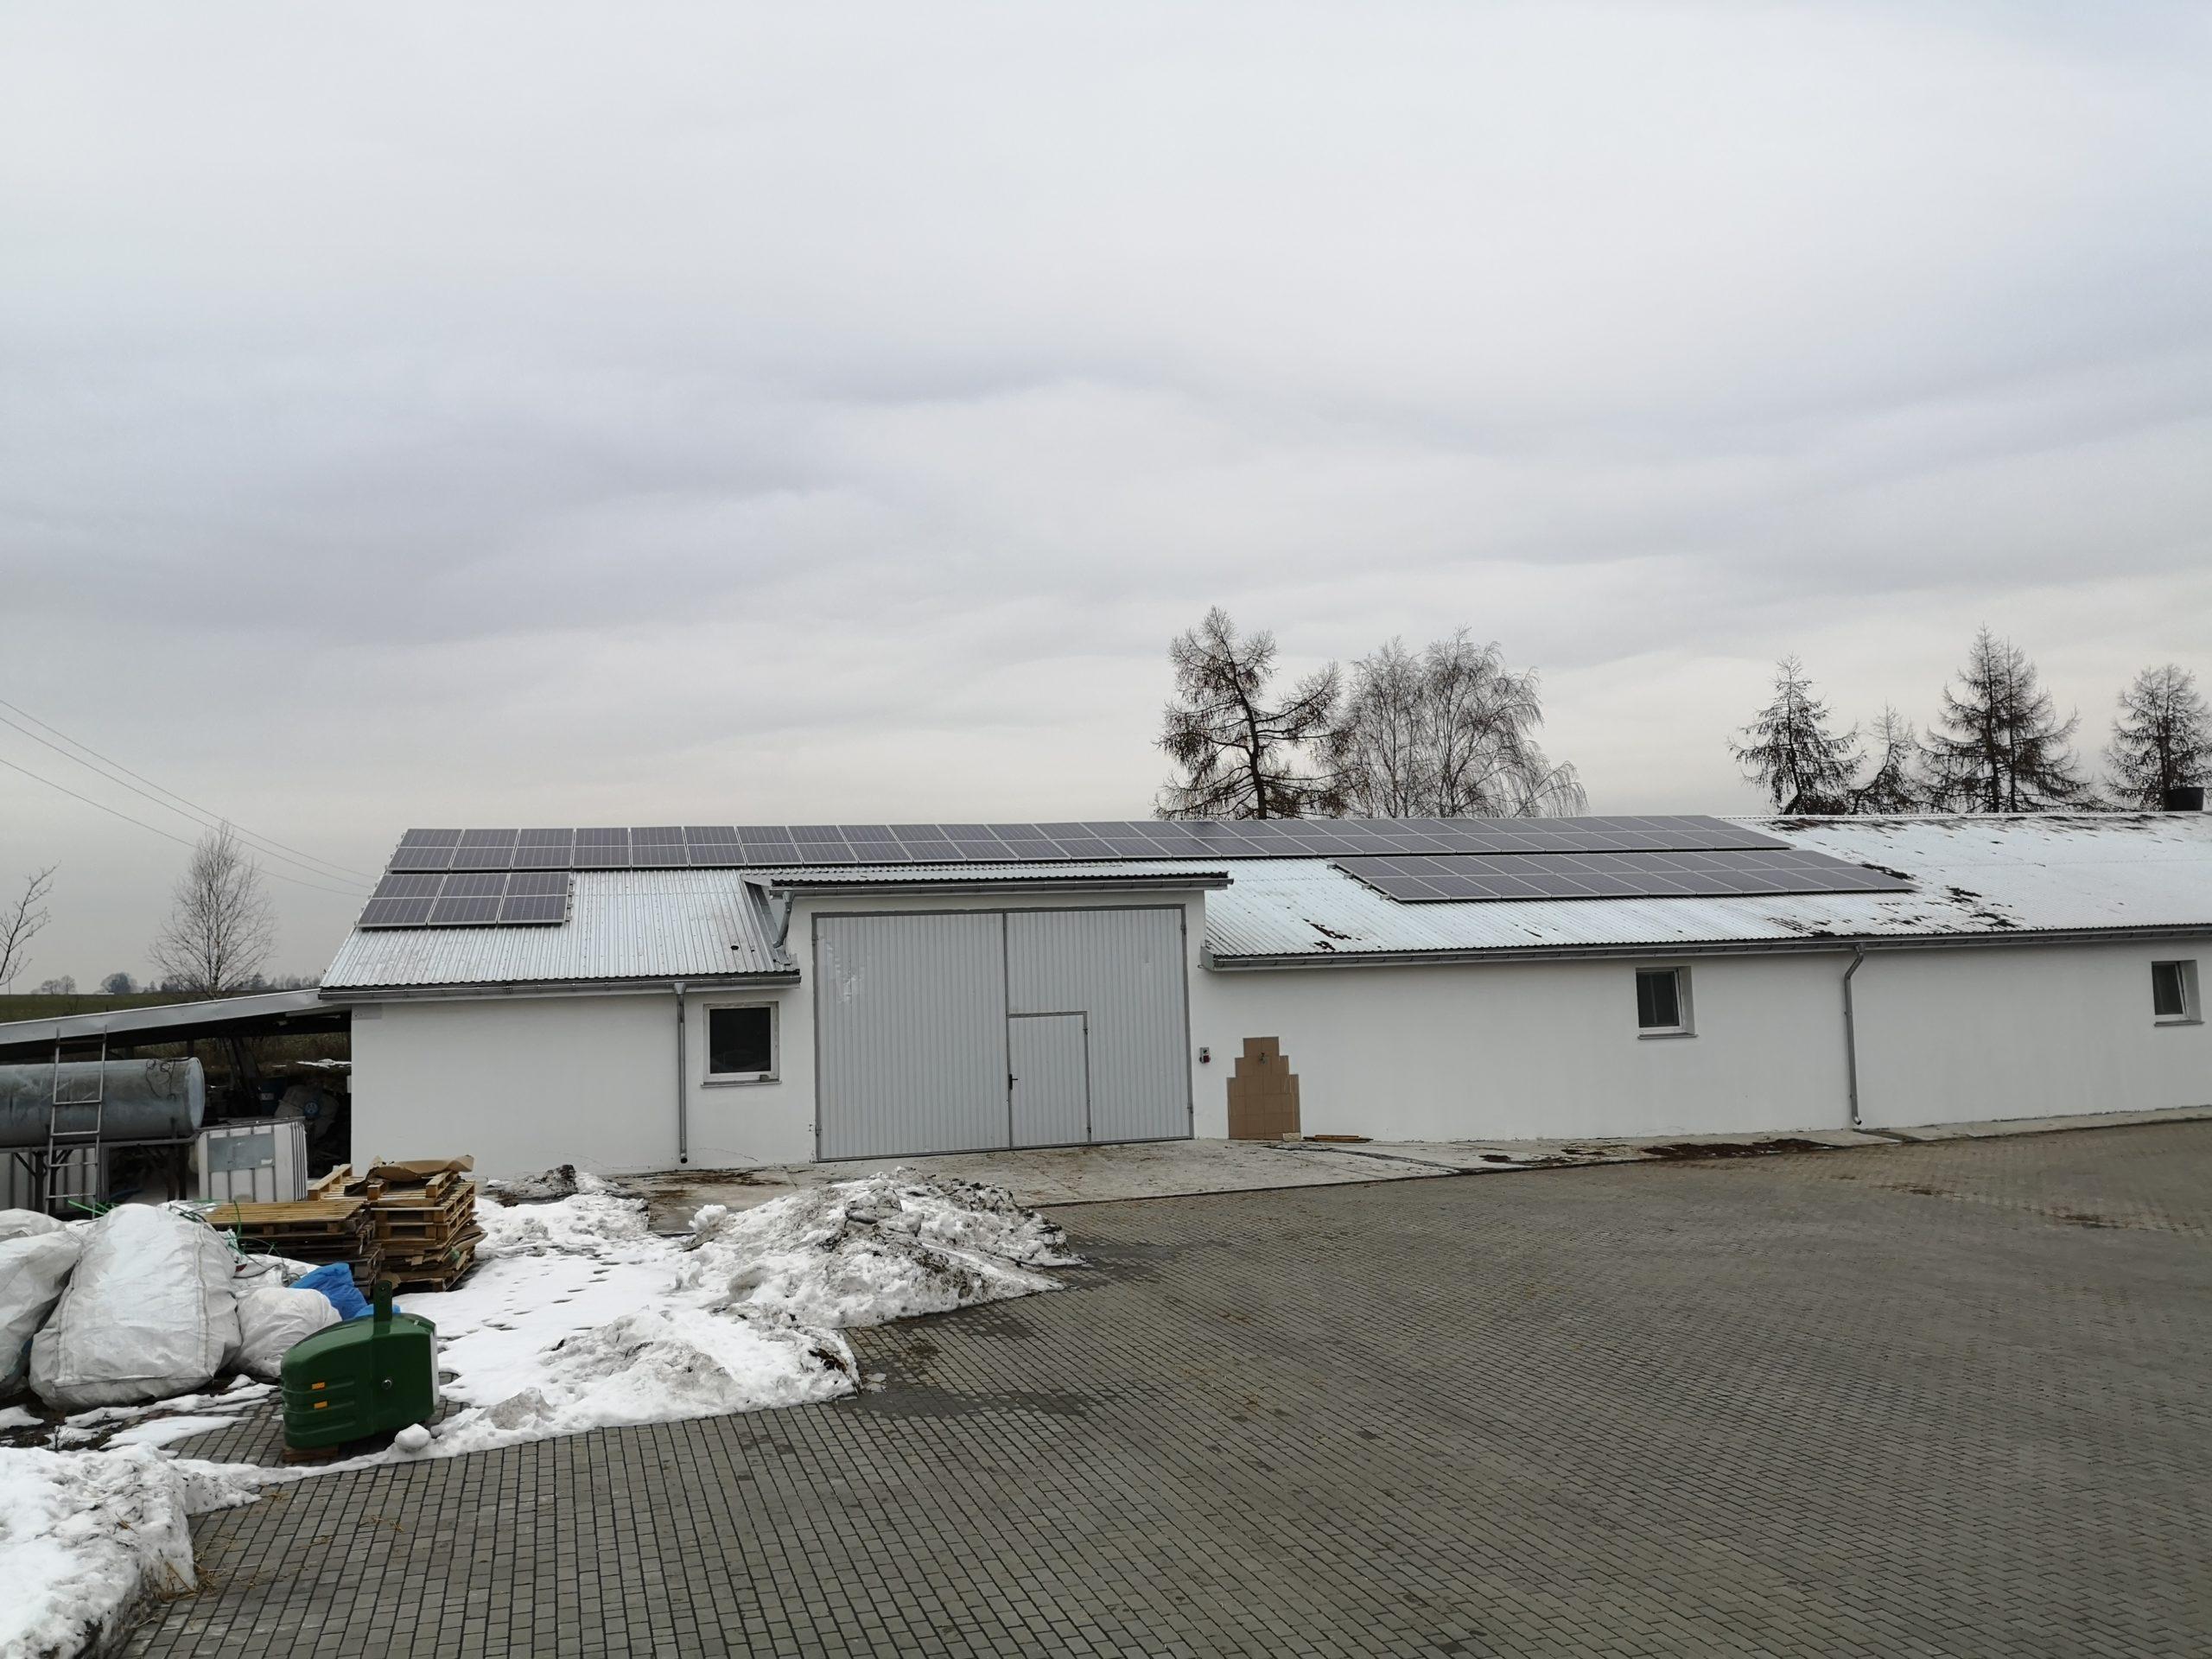 Stoczek, gmina Czemierniki - 44,82 kWp (moduły Jinko Solar 270W) - strona wschodnia